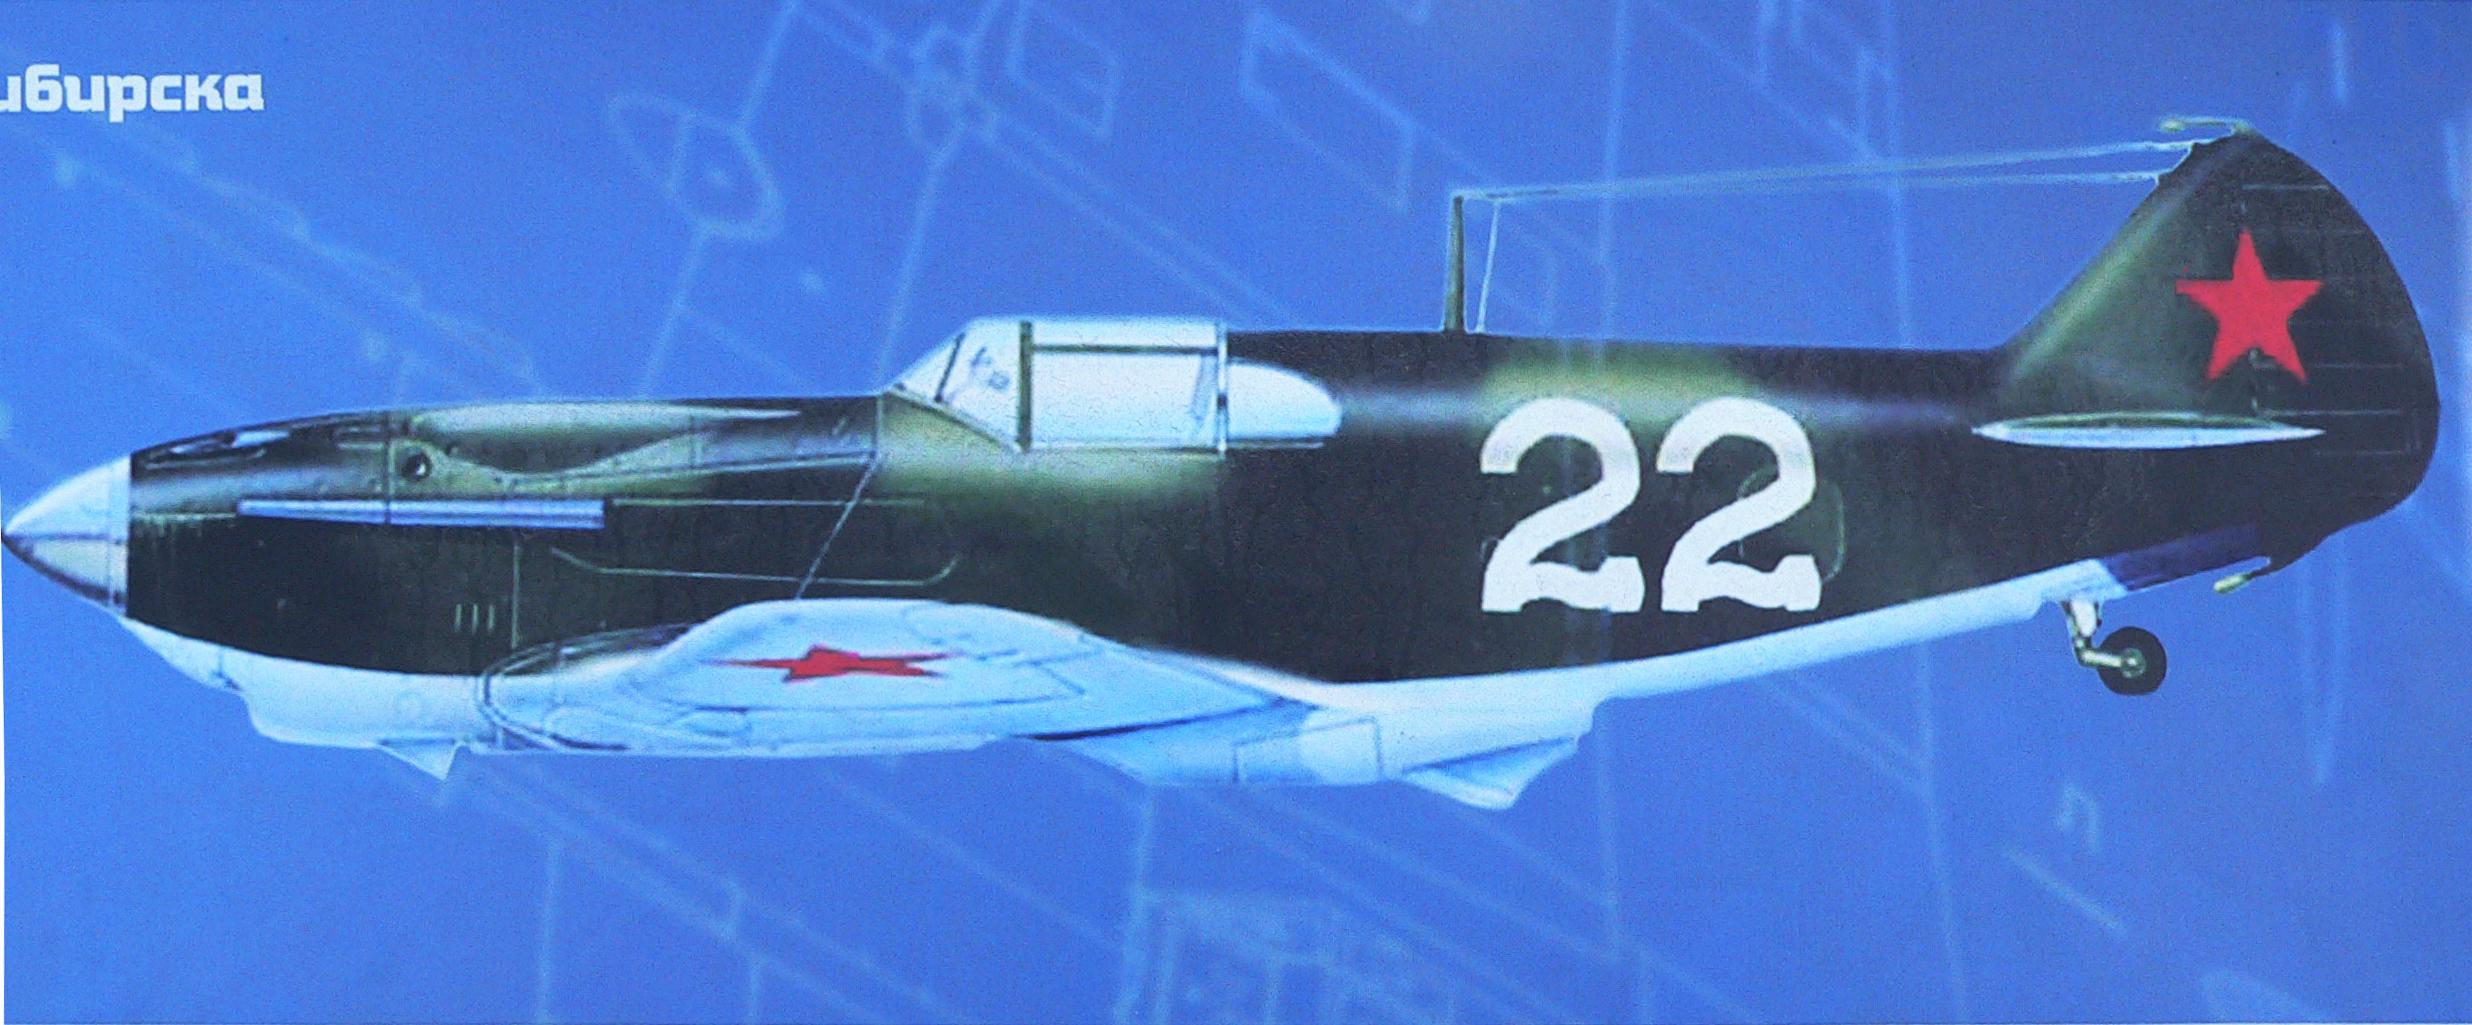 фотография-советского-самолета-ЛаГГ3